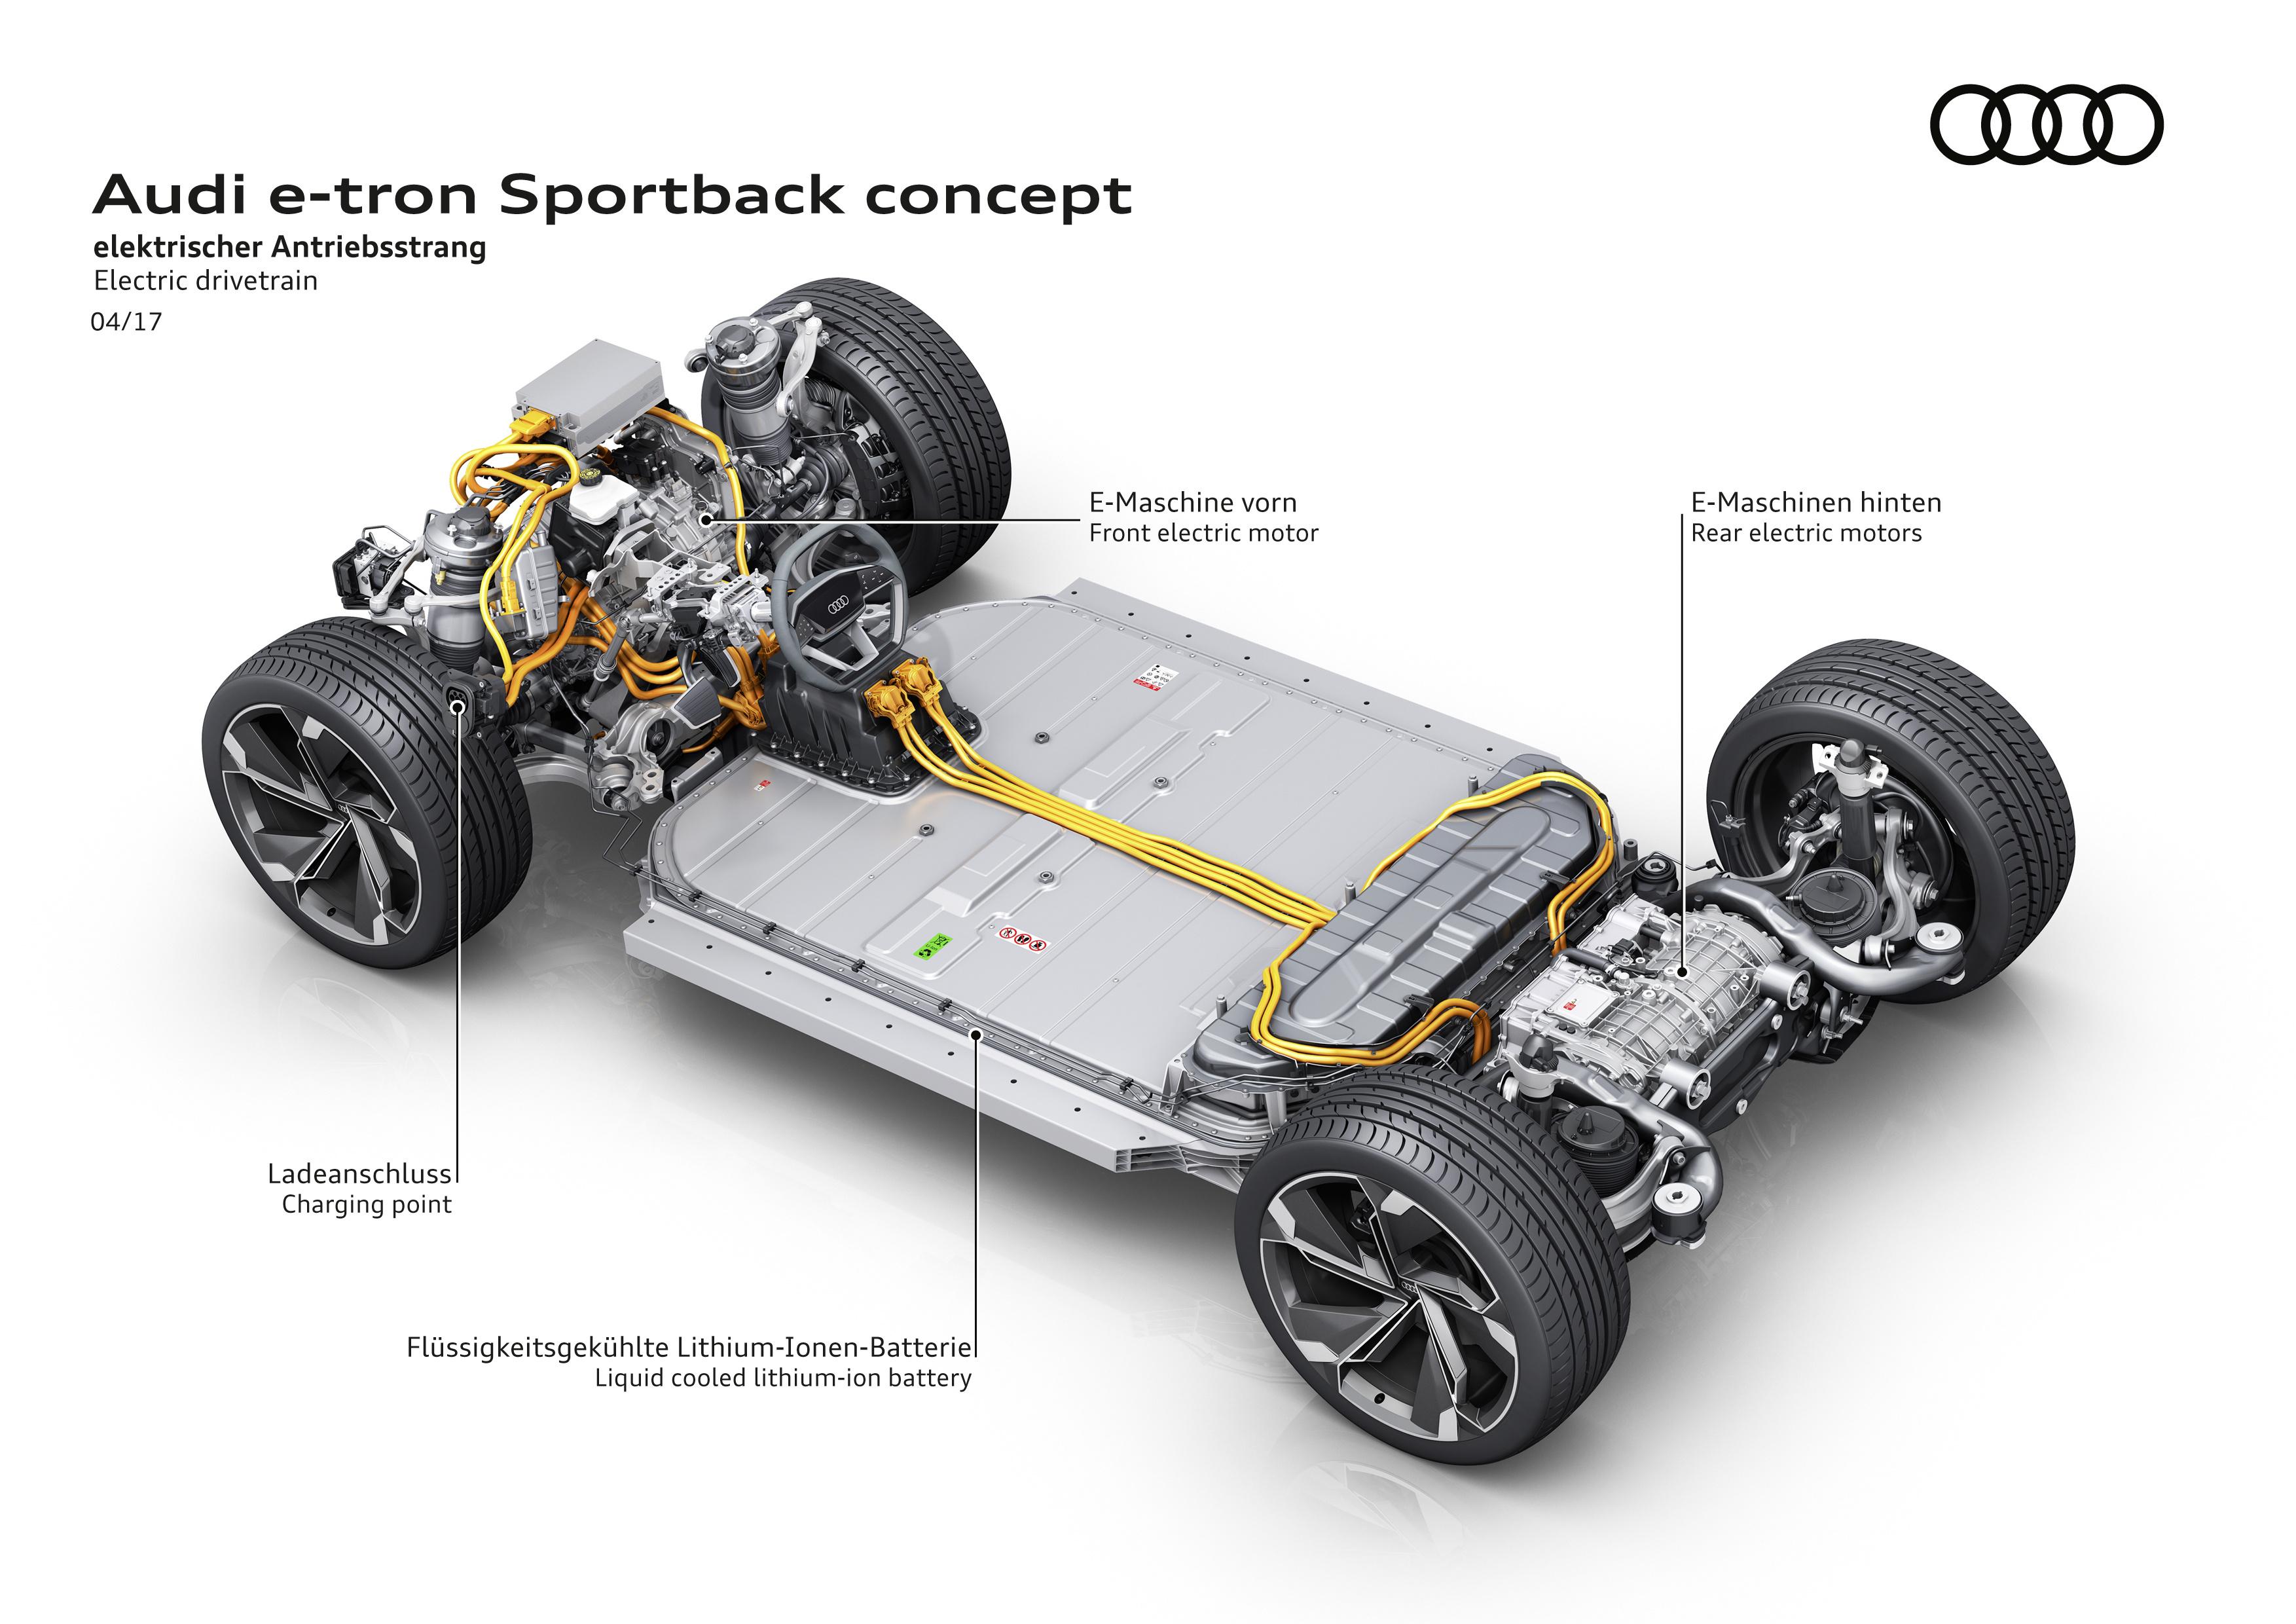 Audi e-tron Sportback 概念车面世,2019年开始量产! Audi e-tron ...